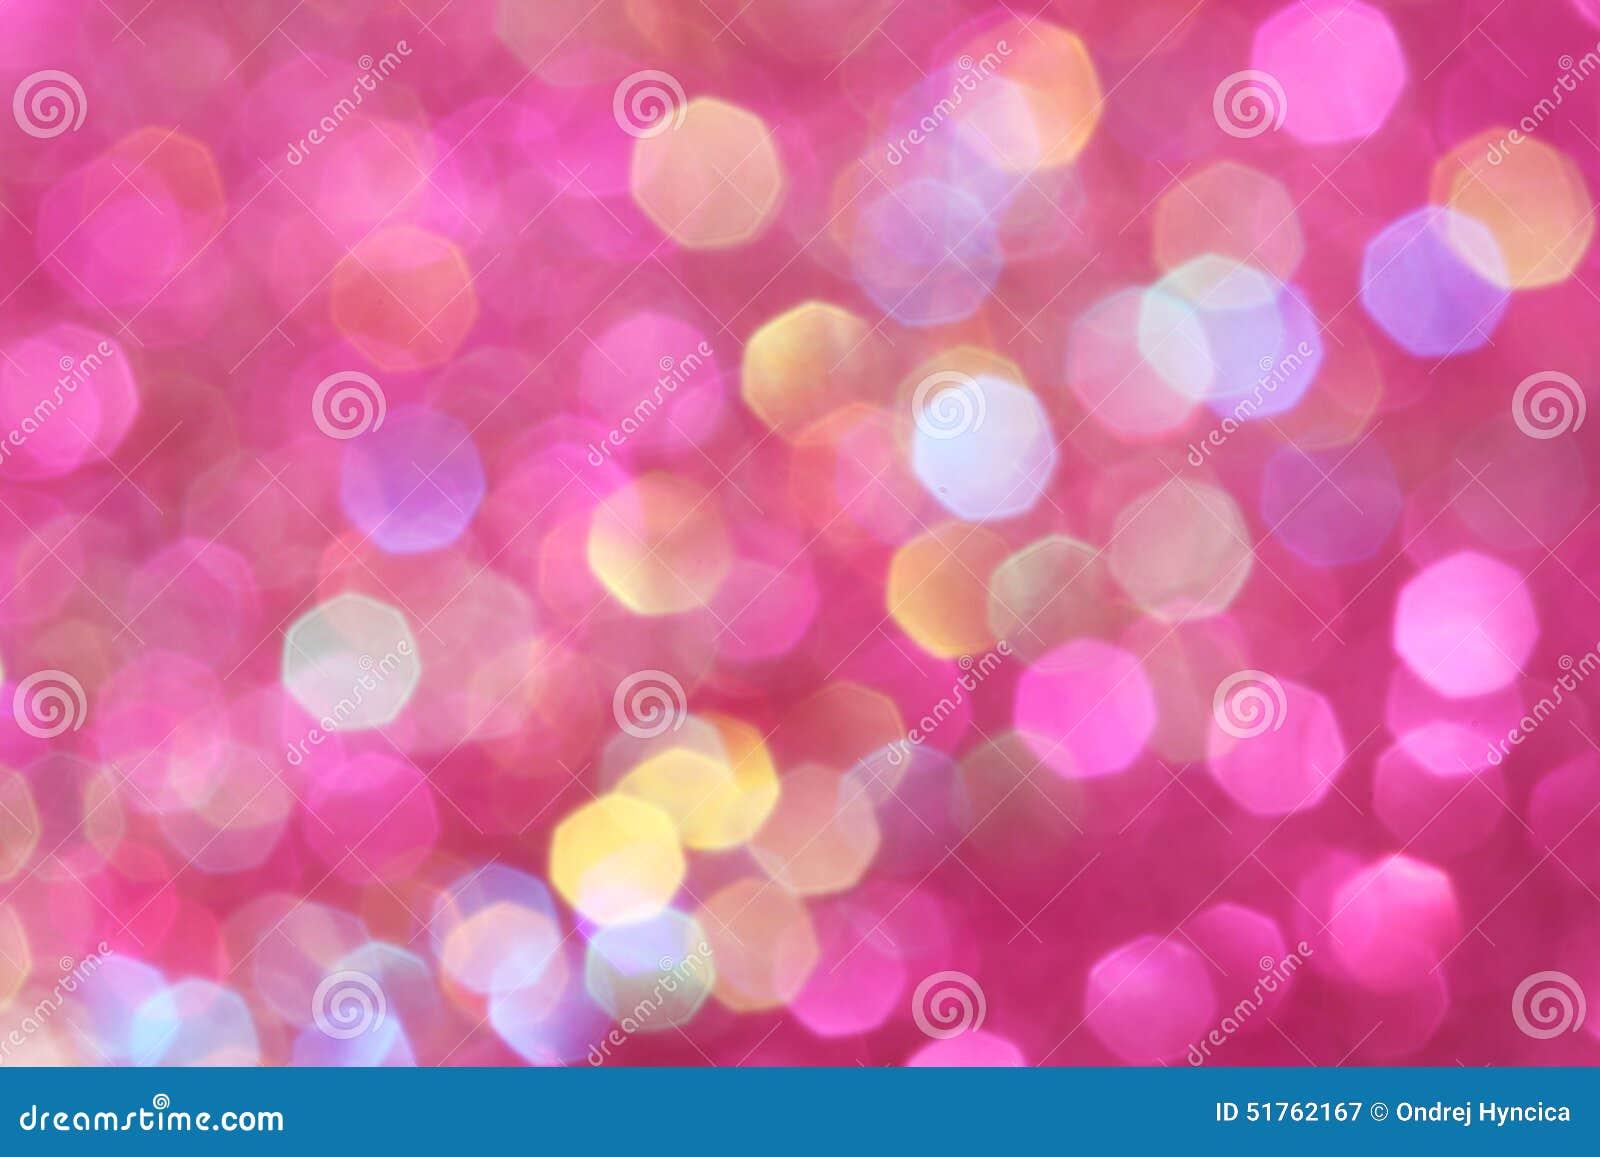 De roze, purpere, witte, gele en turkooise zachte lichten vatten achtergrond samen